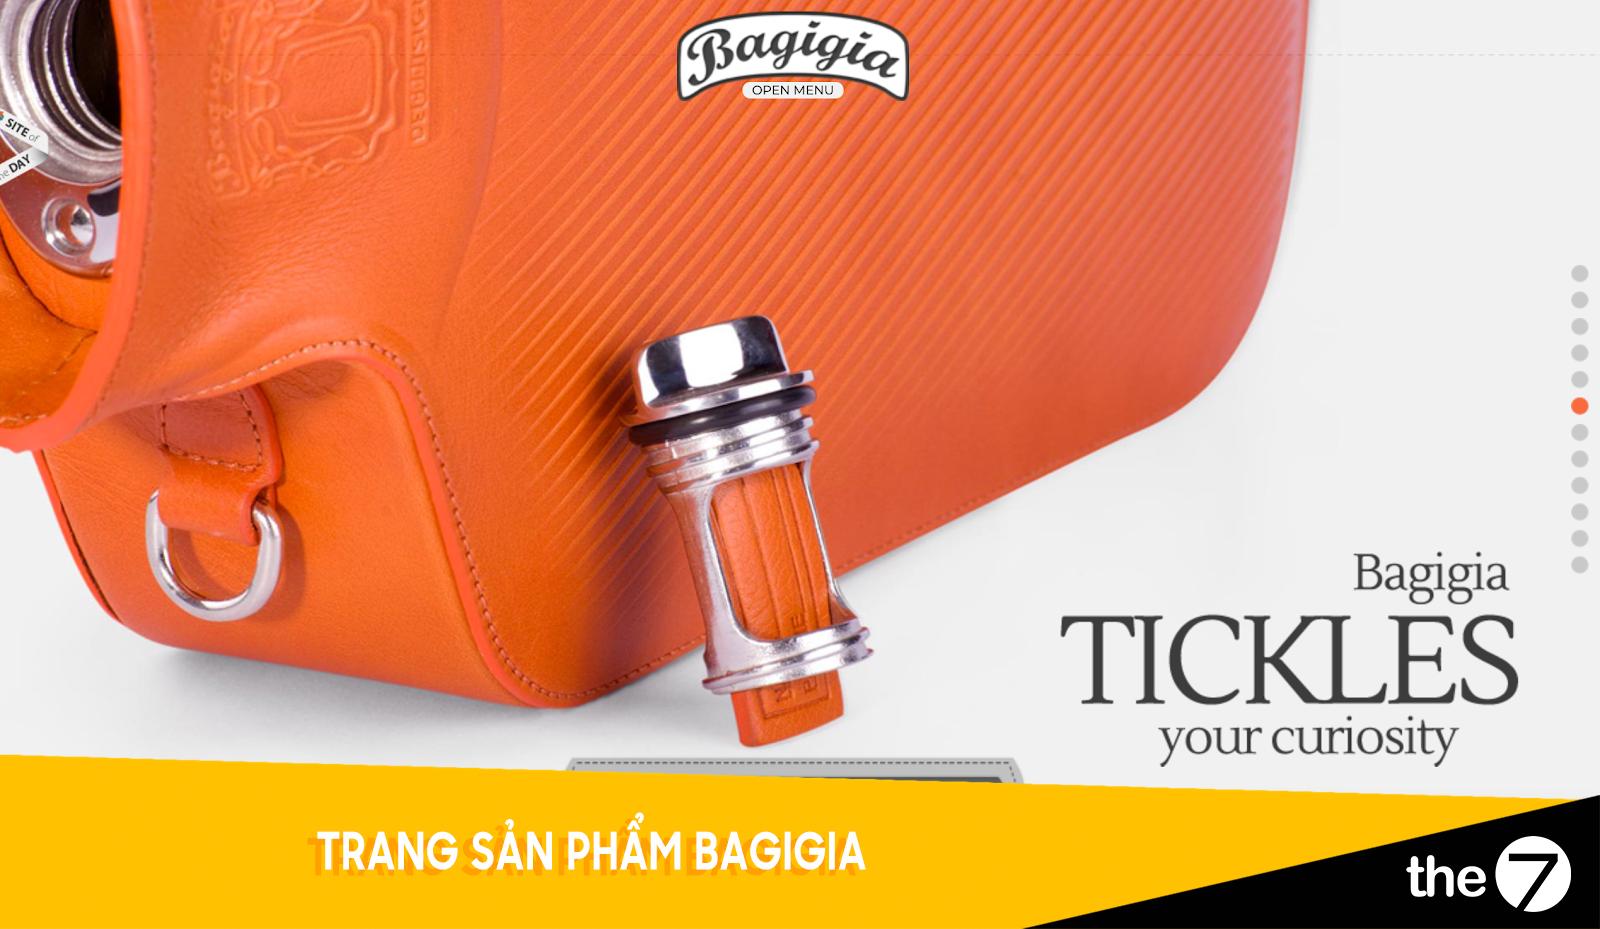 Thiết kế website bán hàng - Trang bán hàng Babagia